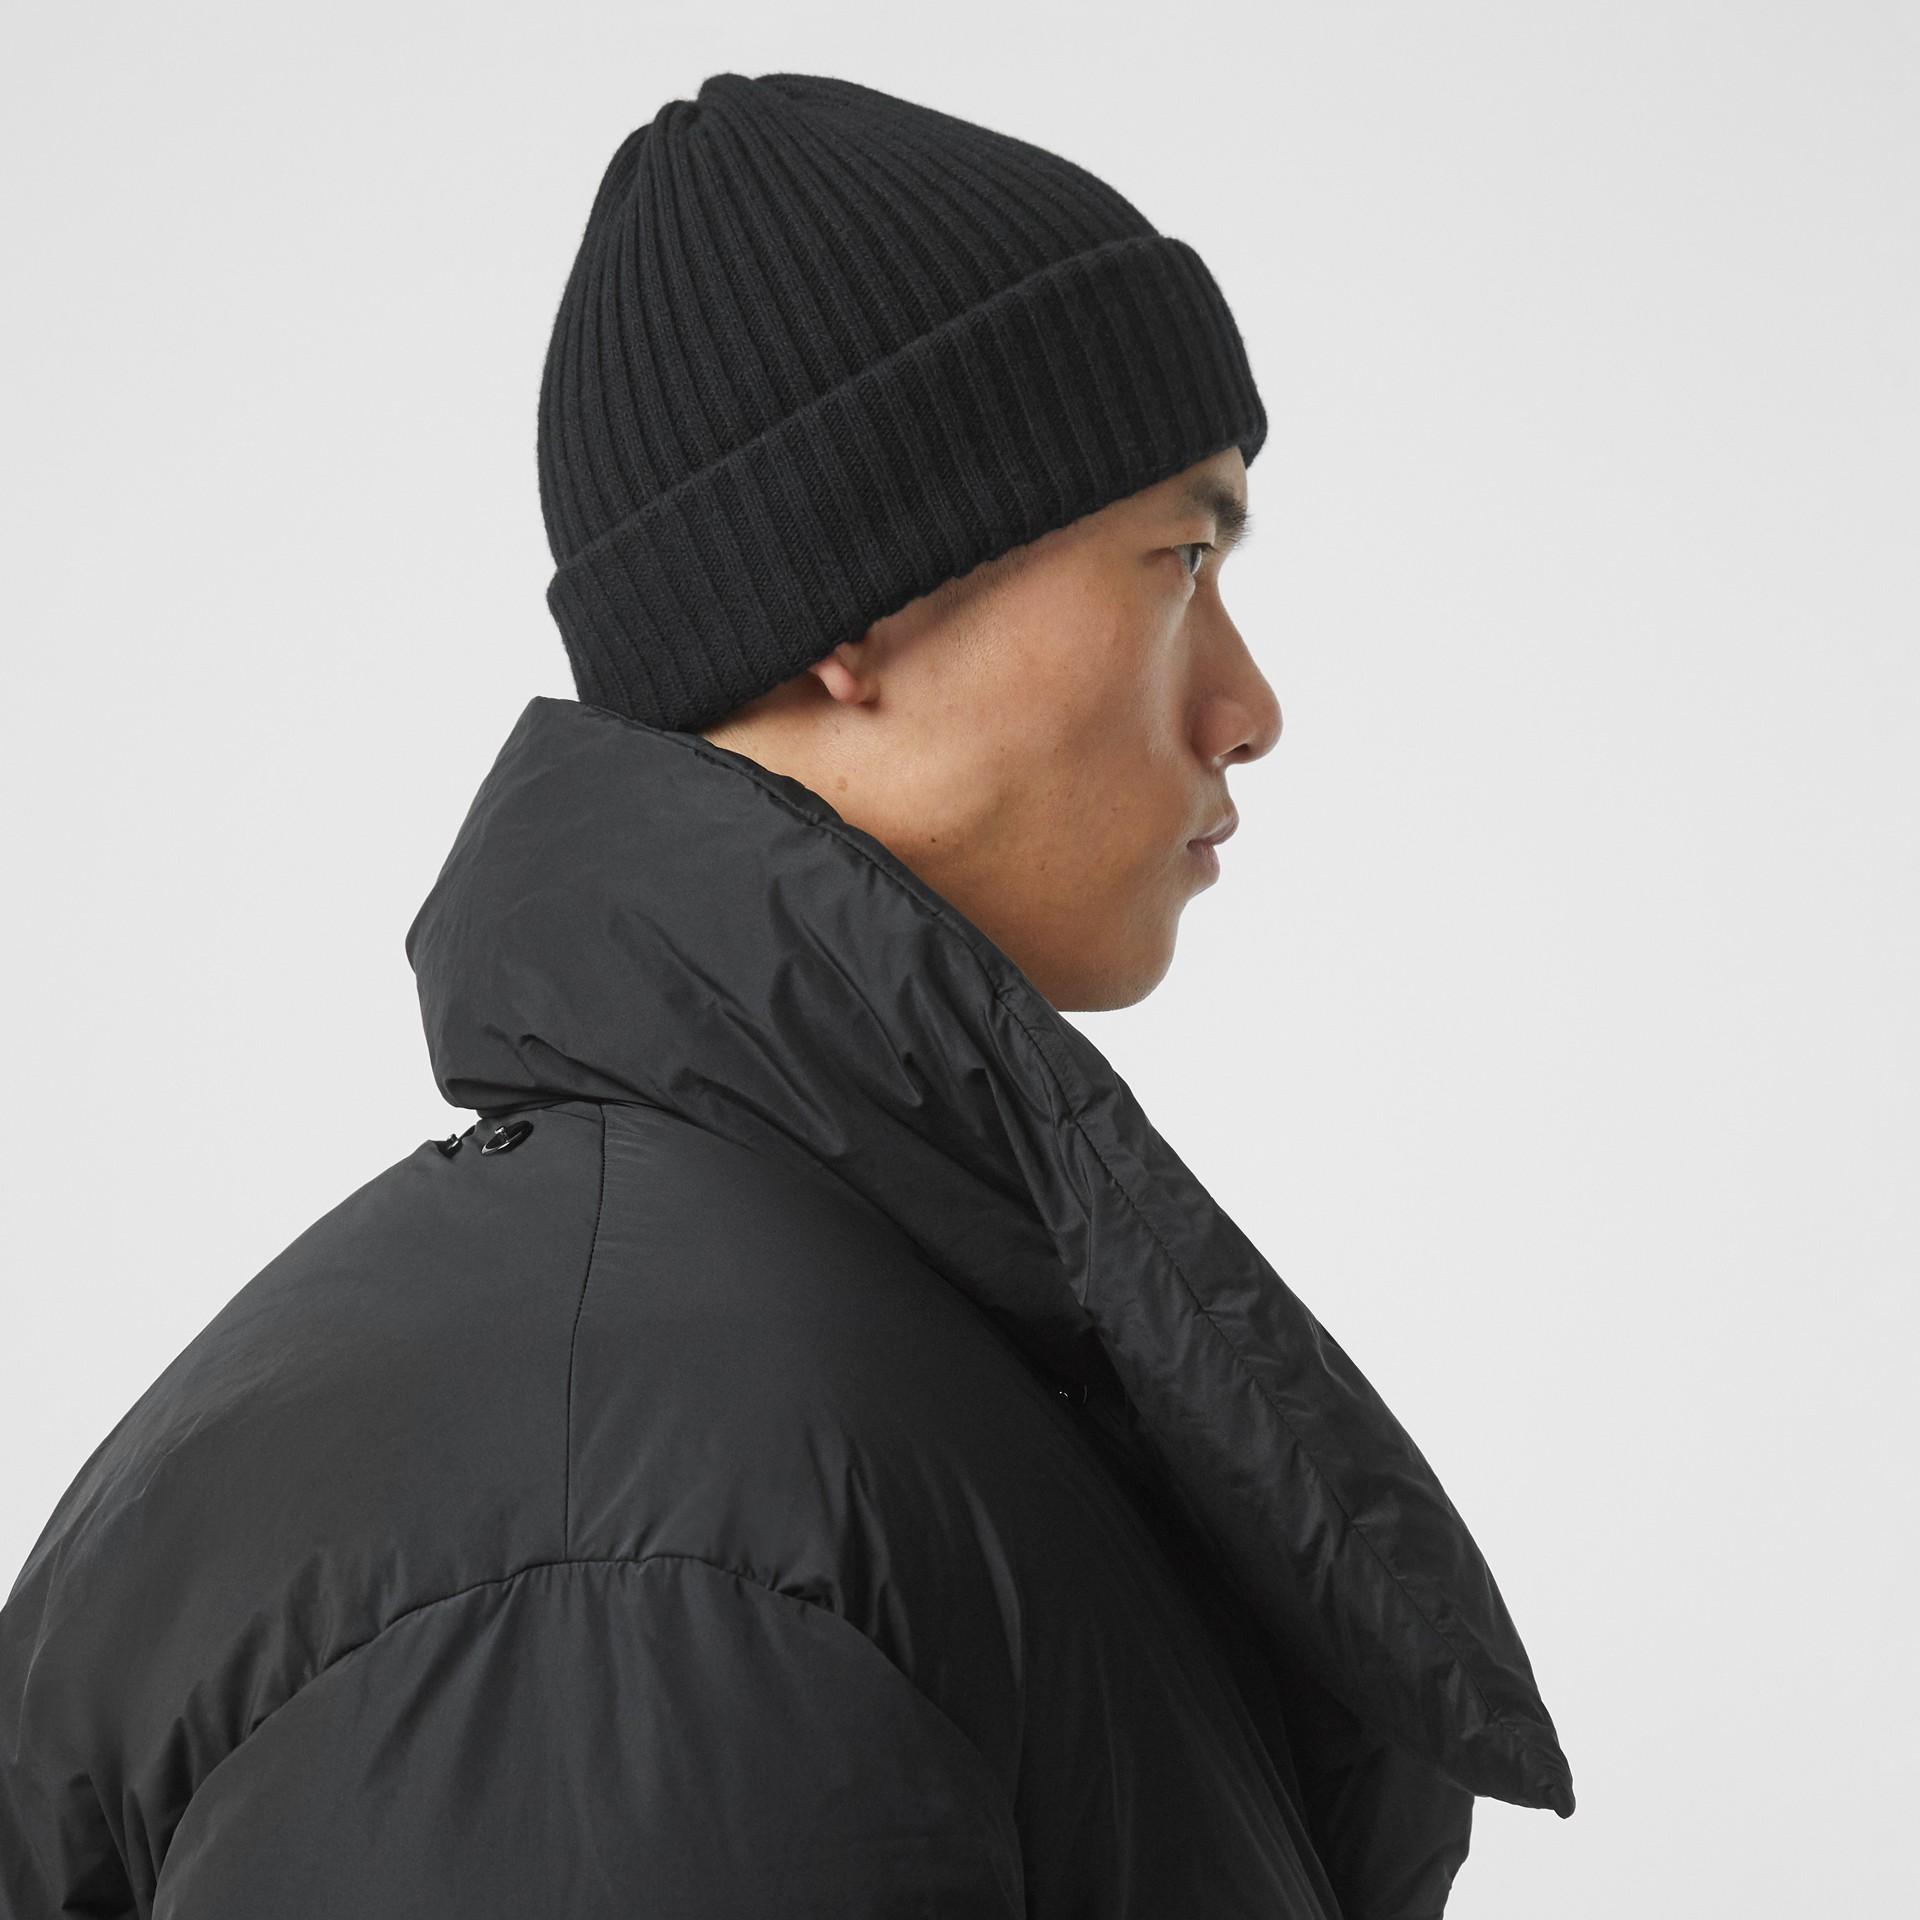 Manteau portefeuille oversize rembourré en duvet avec capuche amovible (Noir) - Homme | Burberry Canada - photo de la galerie 6